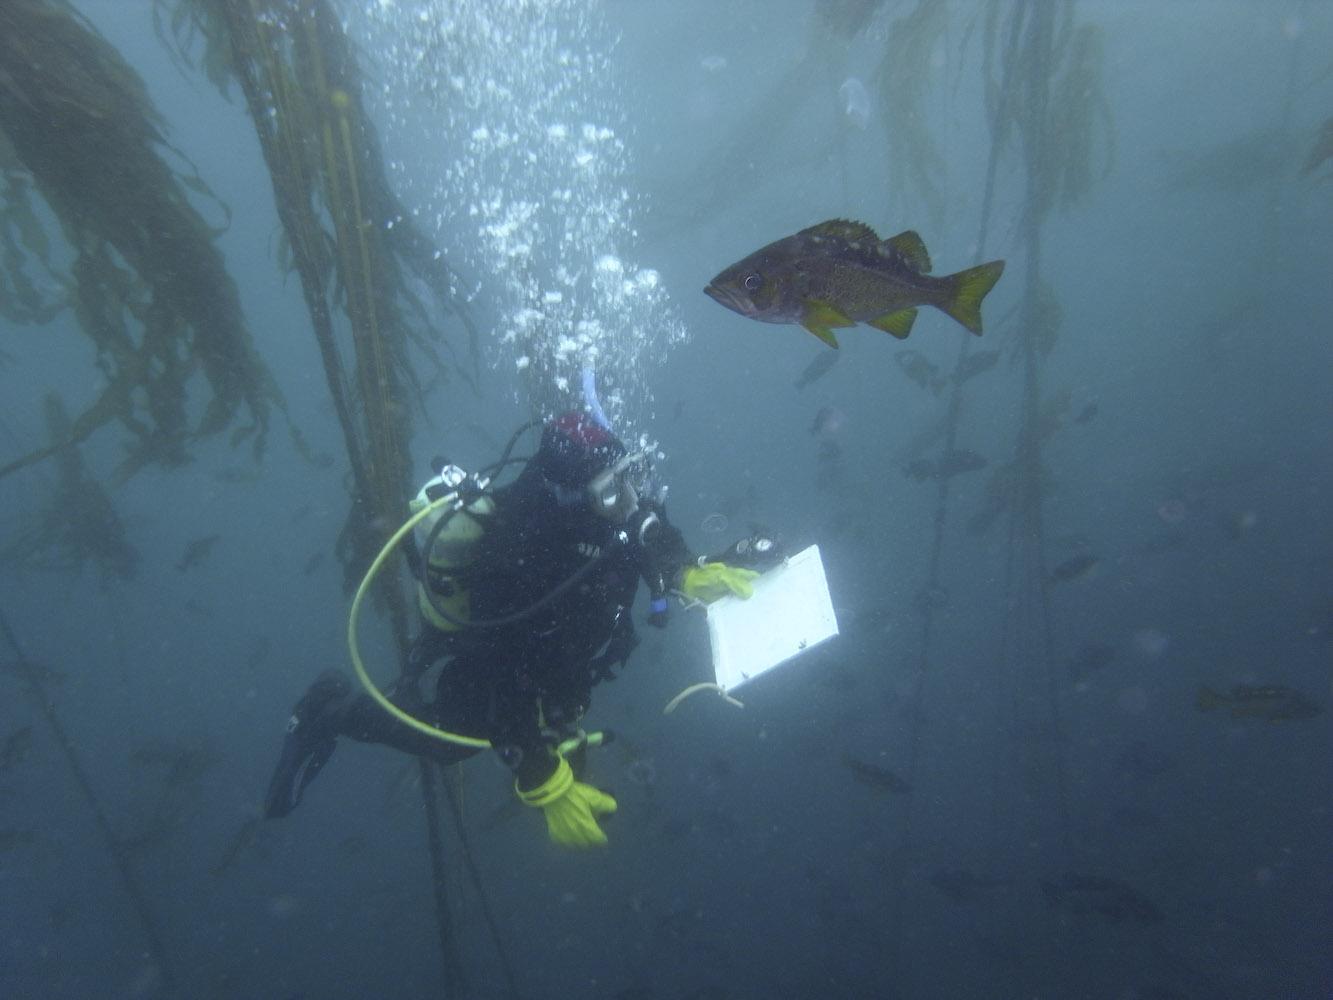 Diver monitoring underwater habitat